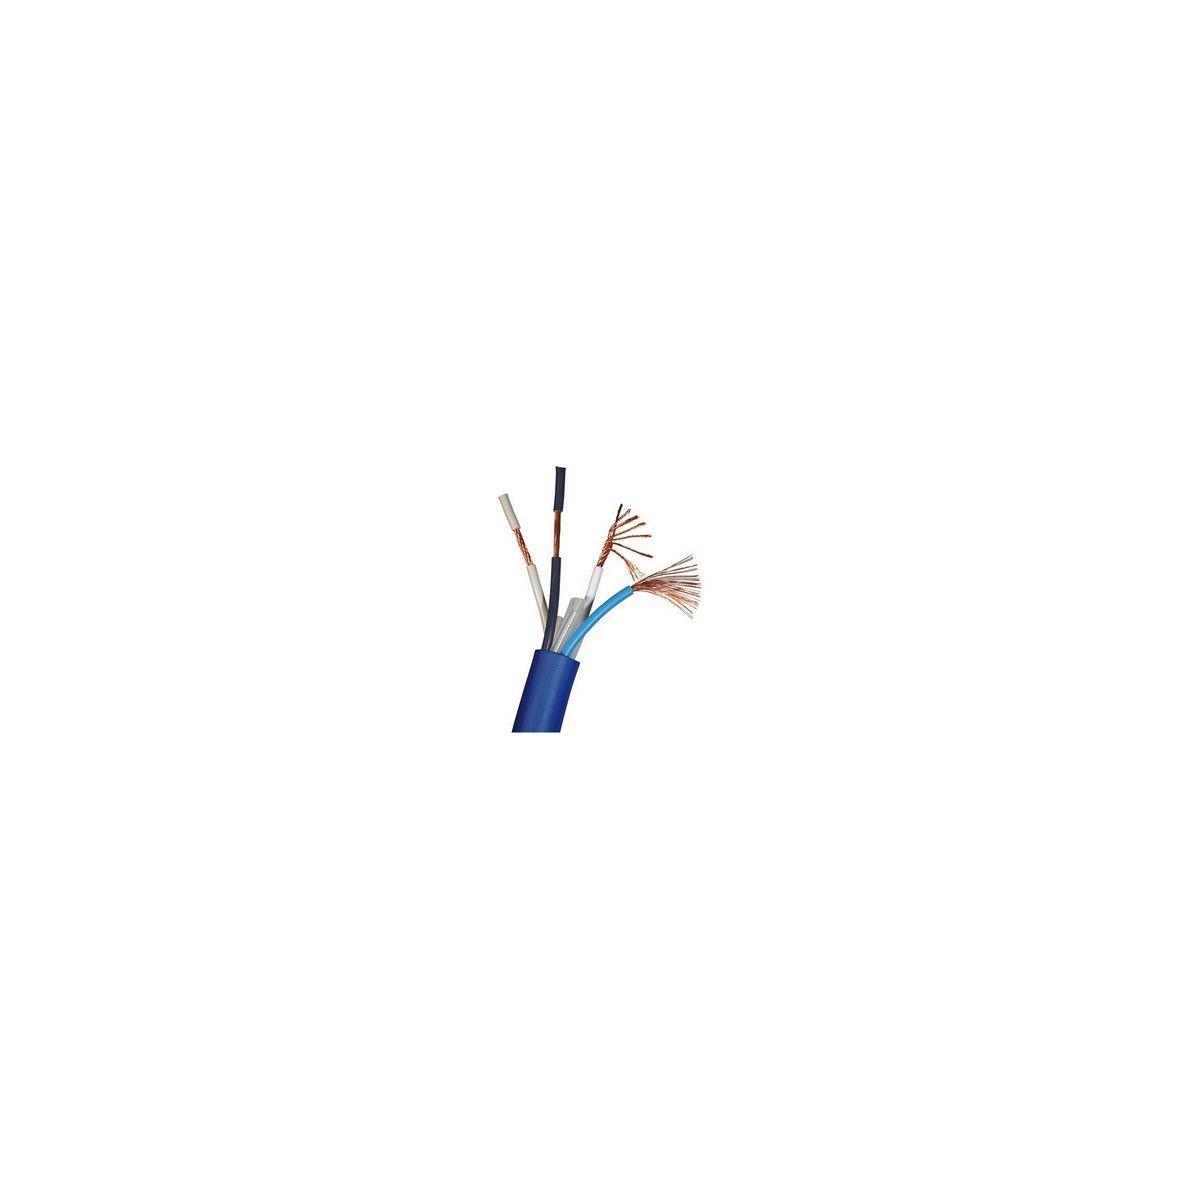 Câble real cable 2.50mm2 en 2x3m00 - livraison offerte : code livdomicile (photo)